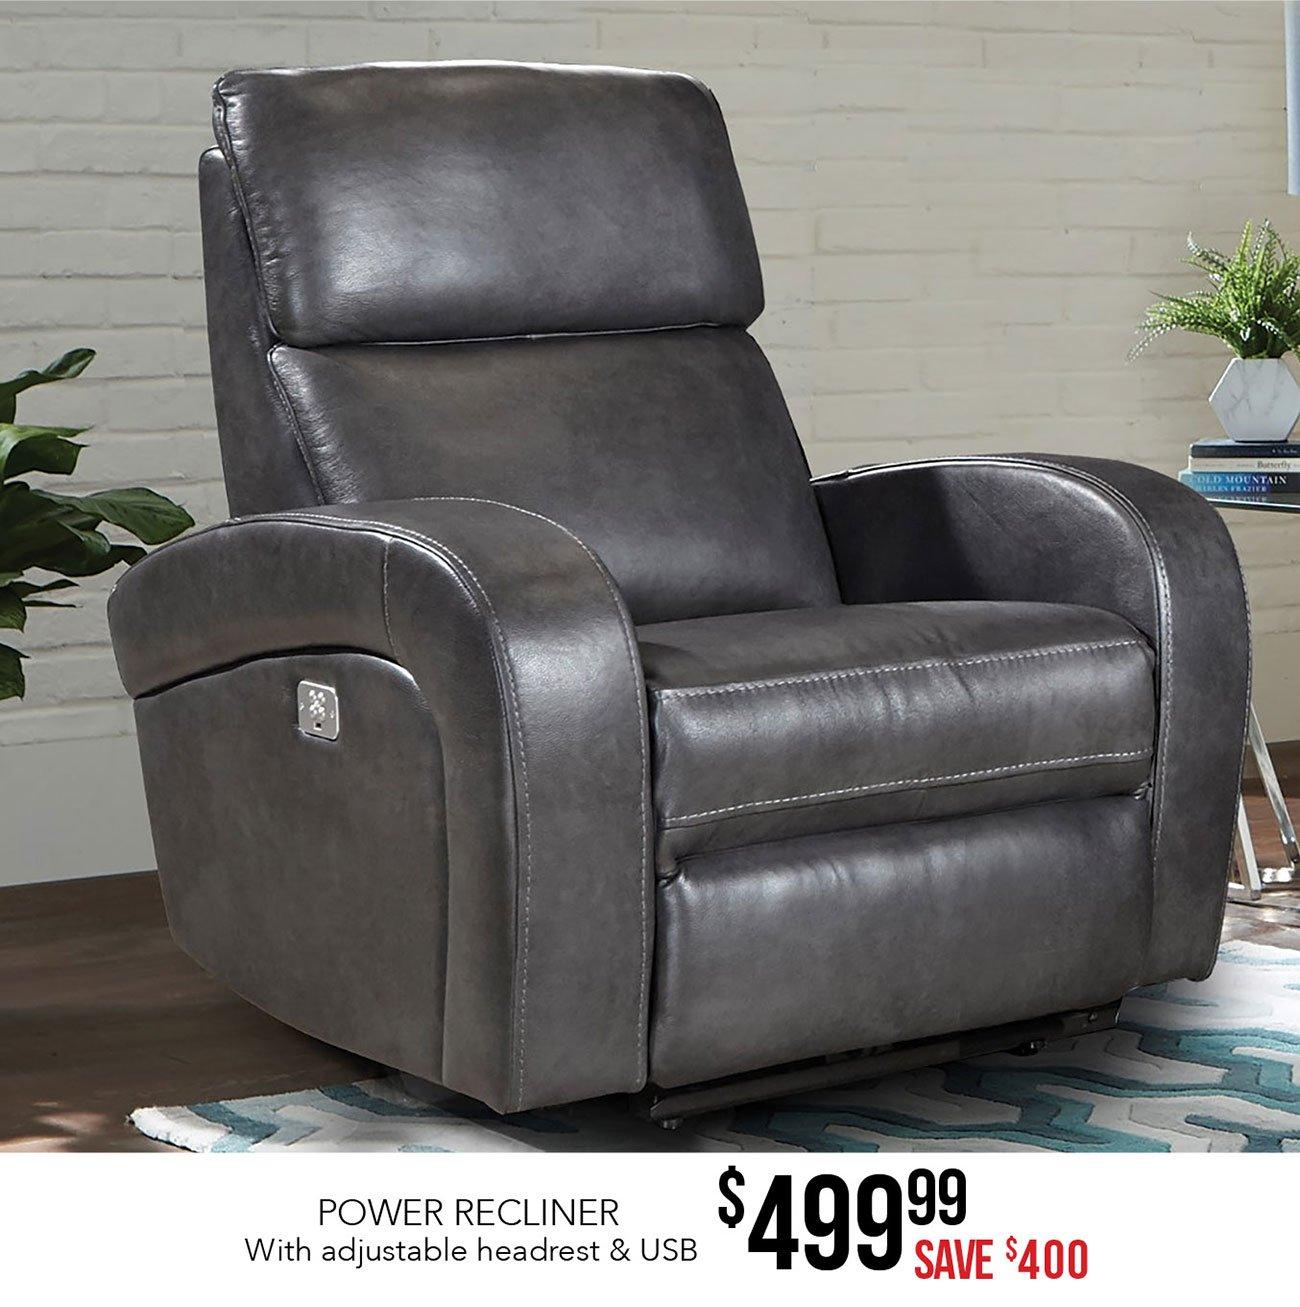 Power-recliner